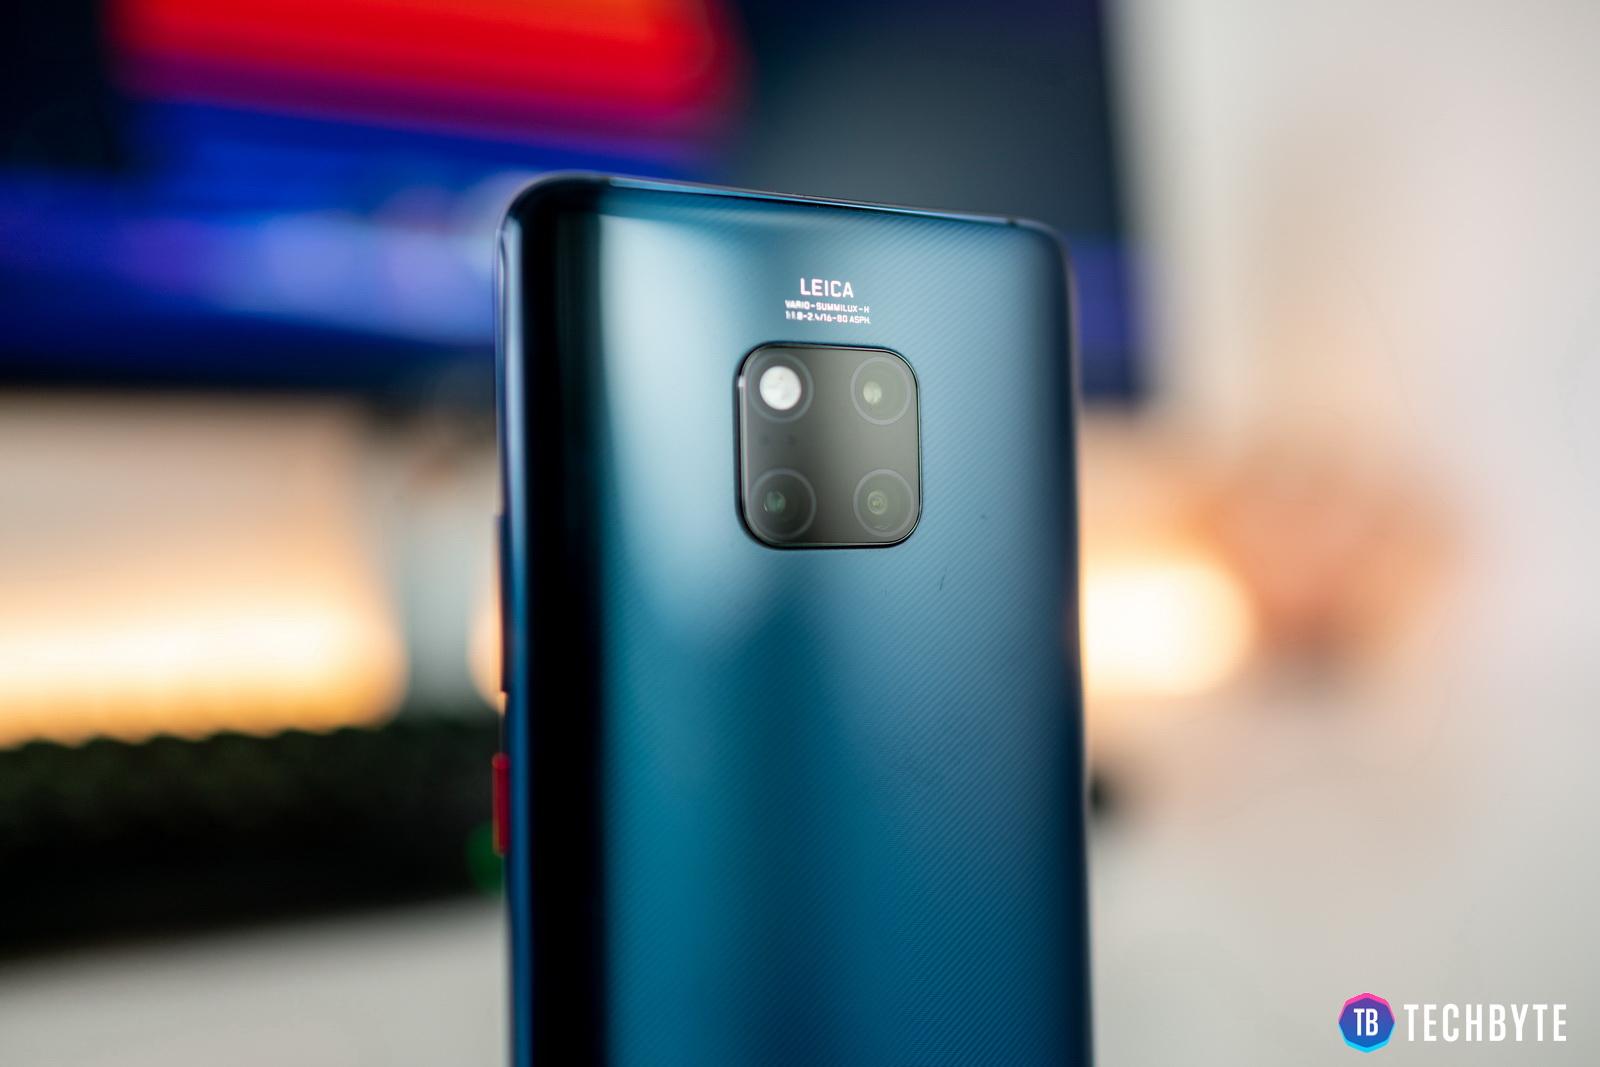 Điện thoại của Huawei có bị hỏng không? Đại diện Slovakia giảm giá 20% cho việc sửa chữa 1